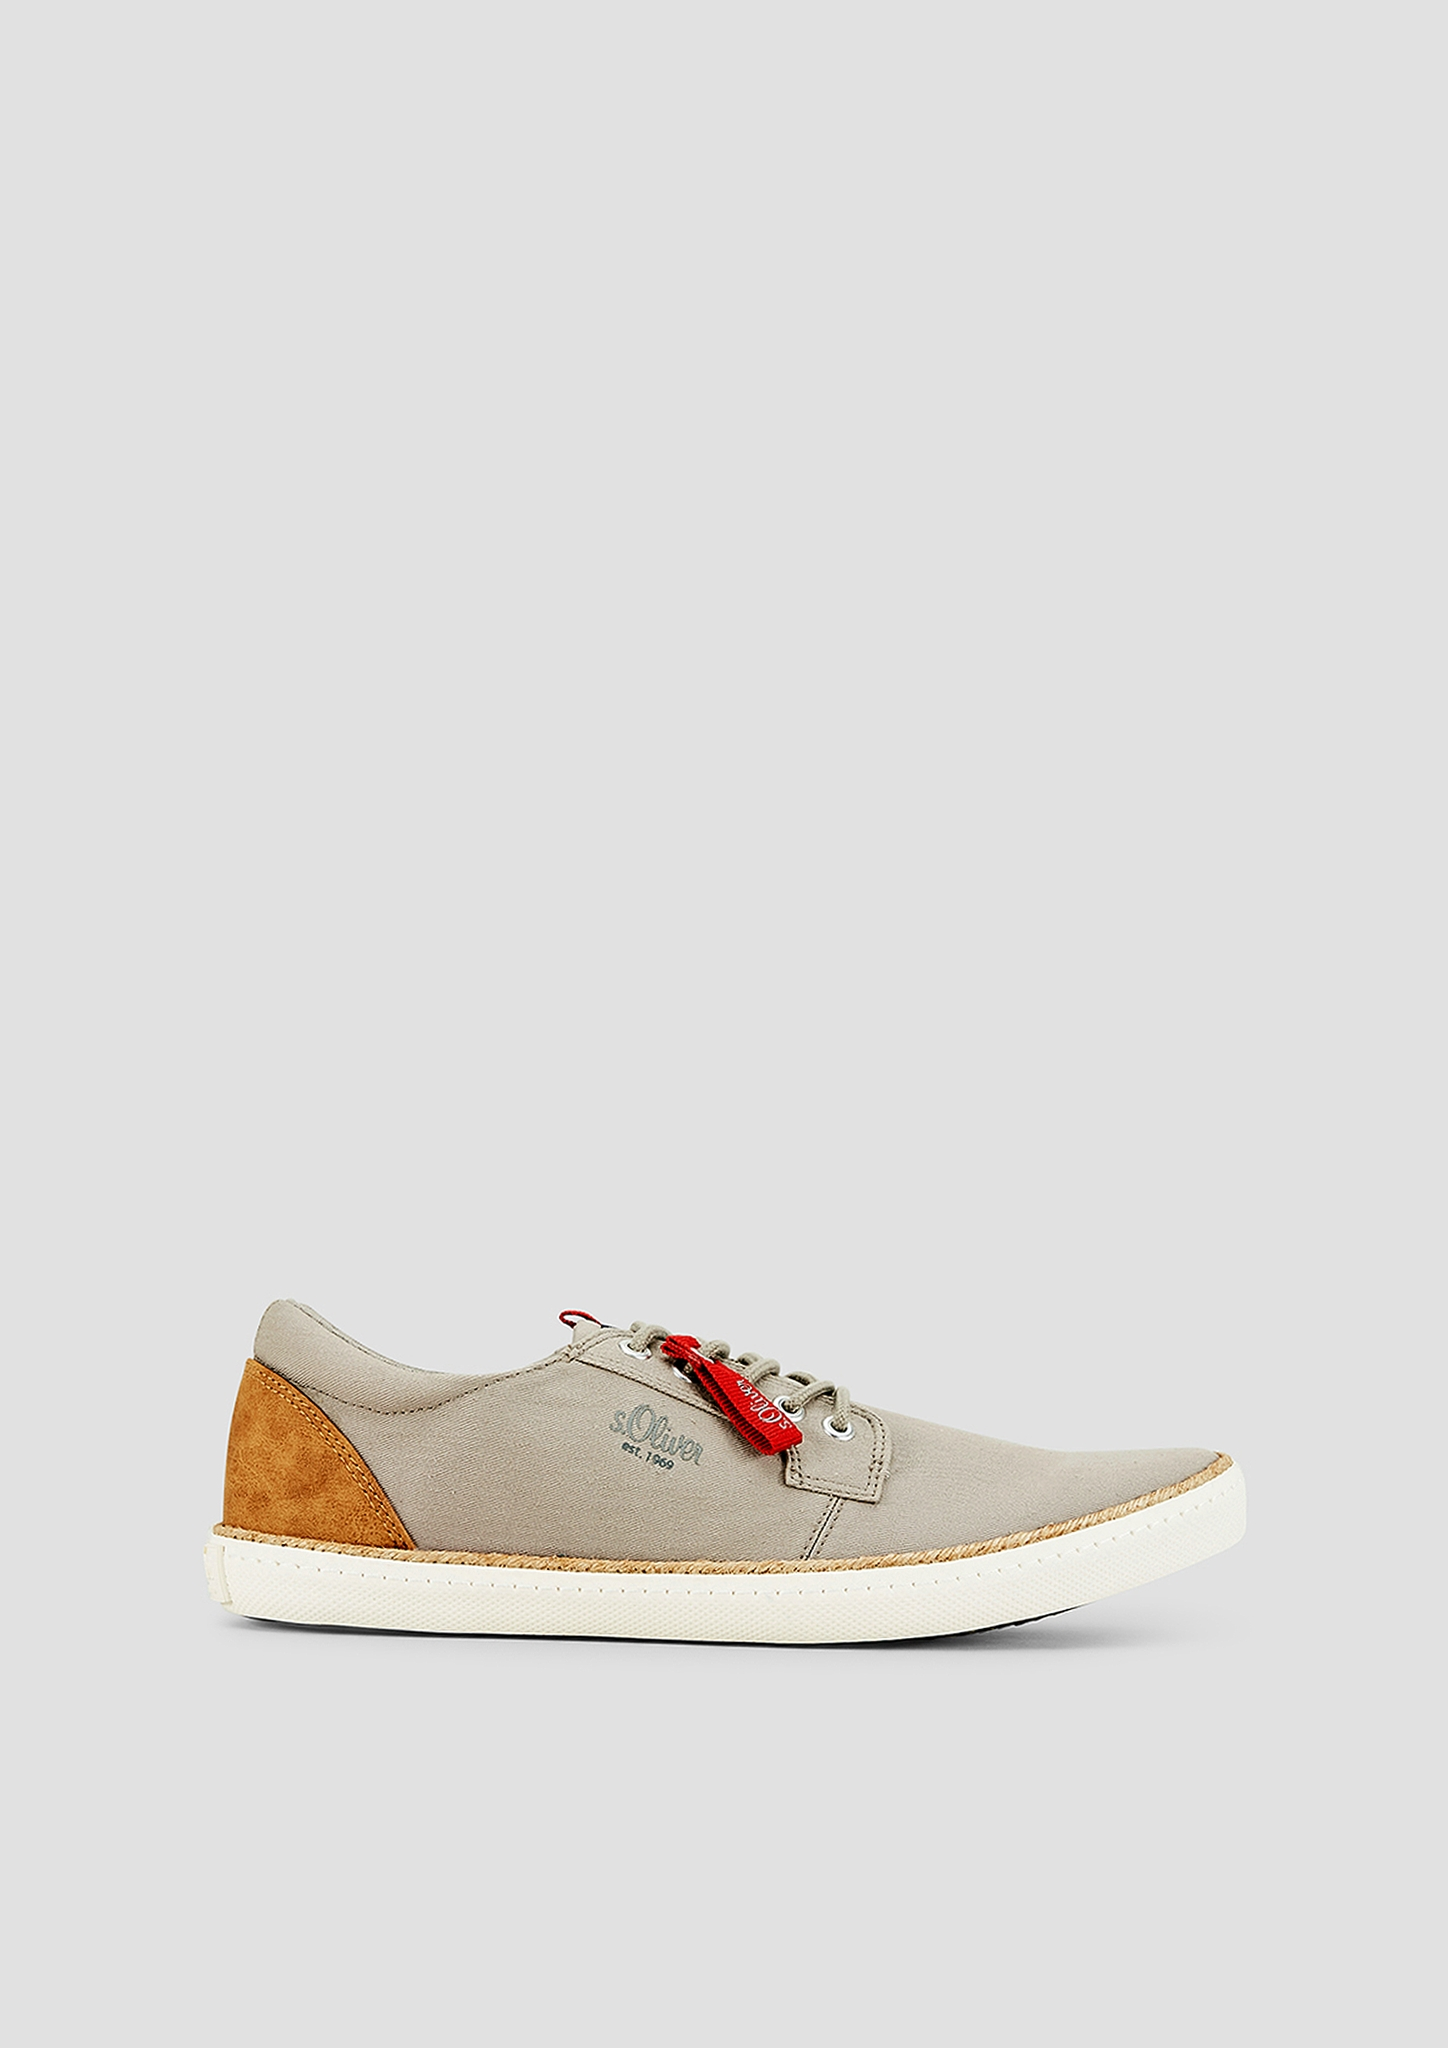 Schnürer | Schuhe > Schnürschuhe | Braun | Obermaterial aus textil und synthetik| futter aus textil| decksohle aus textil und synthetik| laufsohle aus synthetik | s.Oliver